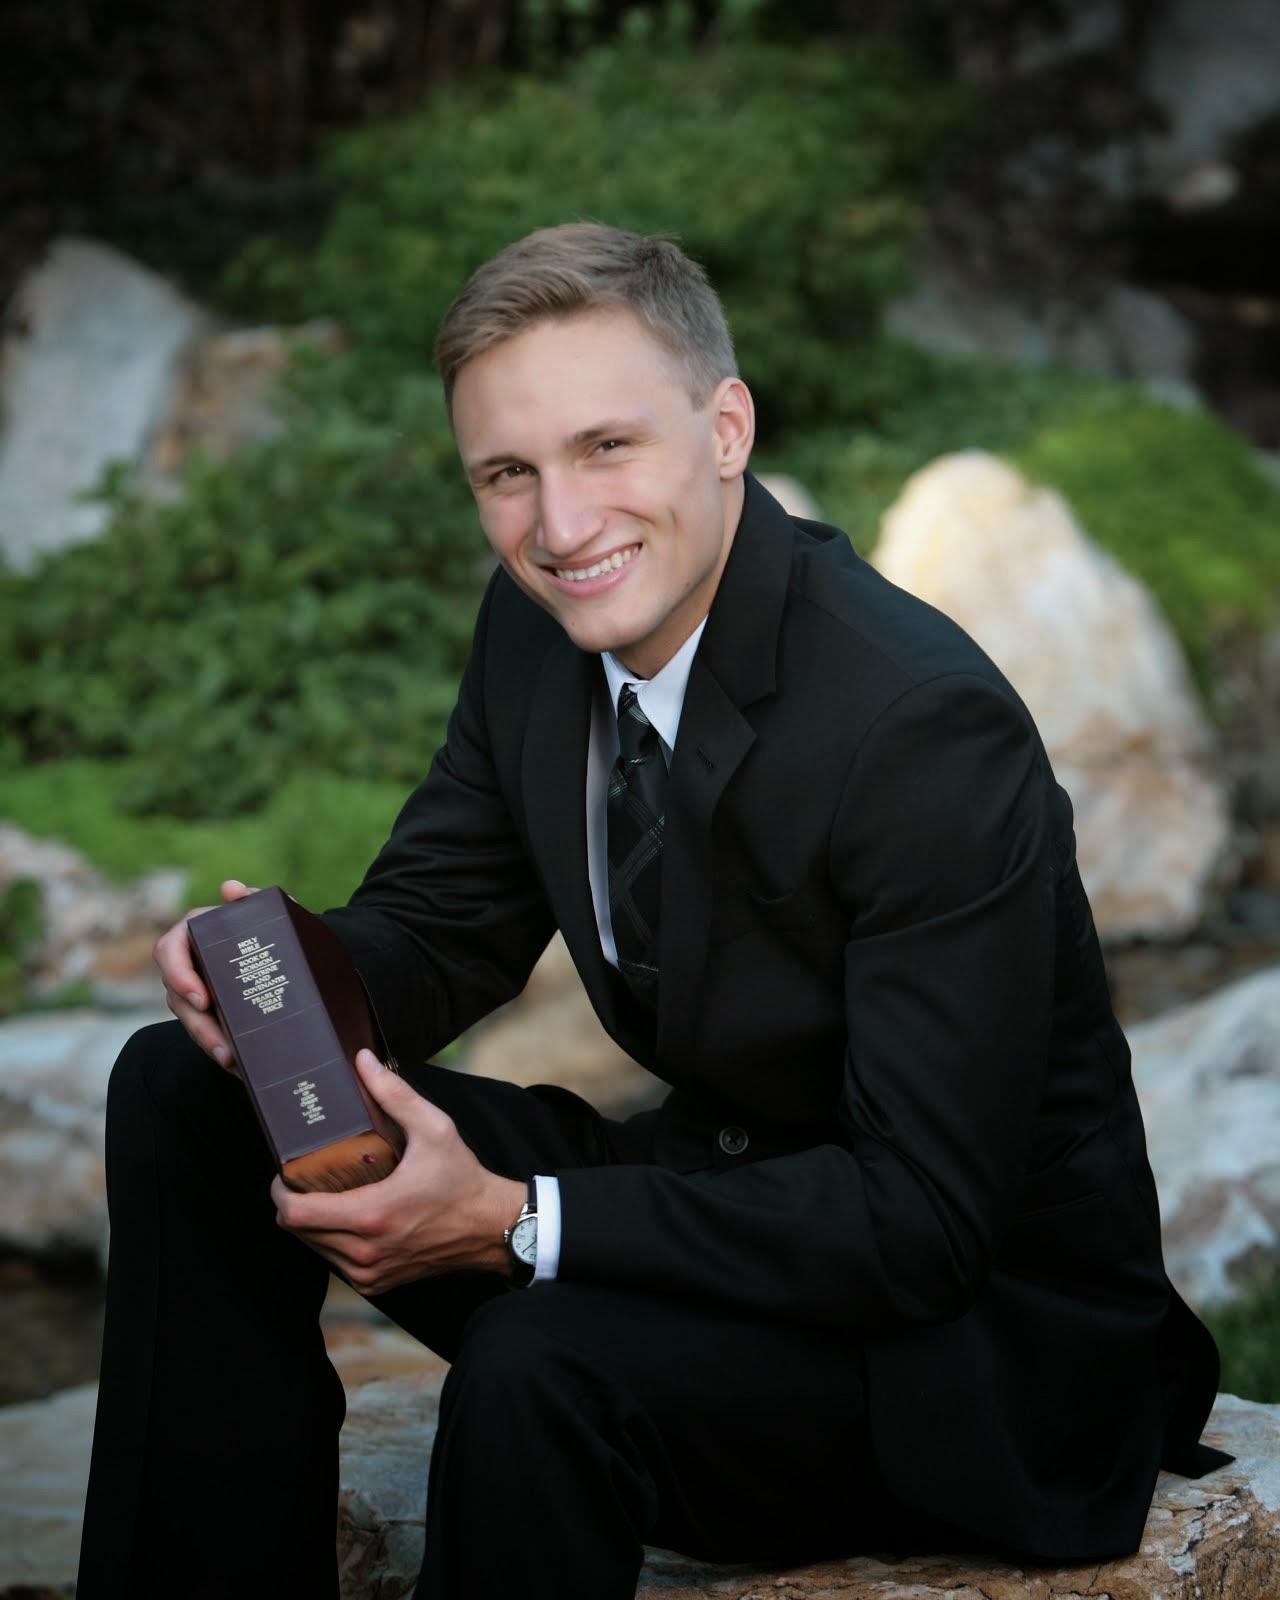 Elder Austin Thomas Lignell